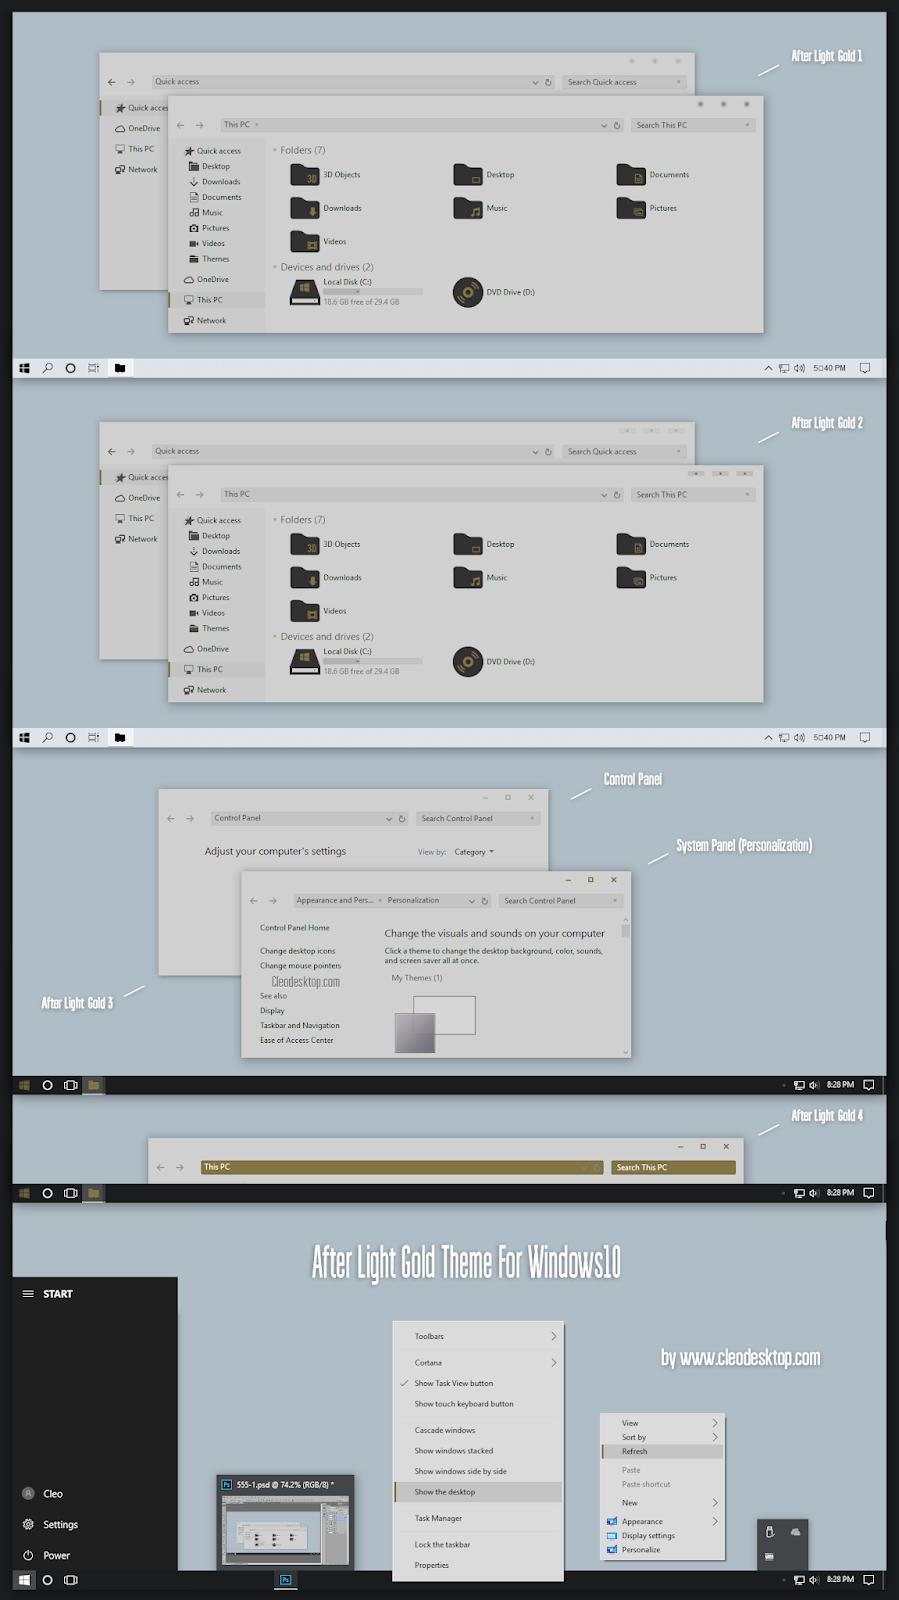 After Light Gold Theme Windows10 November 2019 Update 1909